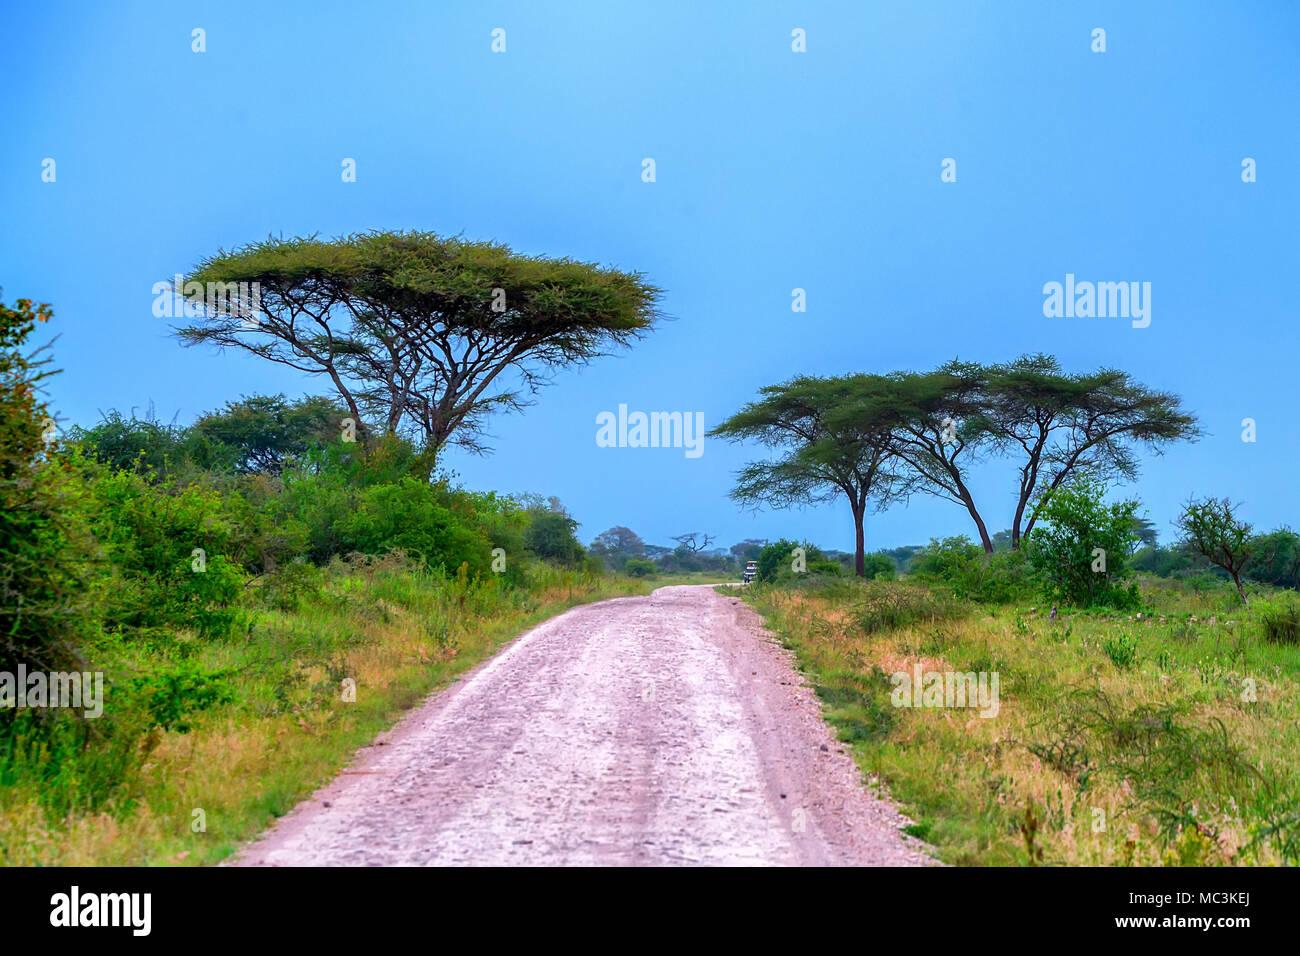 Straße in Afrikanischen malerischen Wald Stockfoto